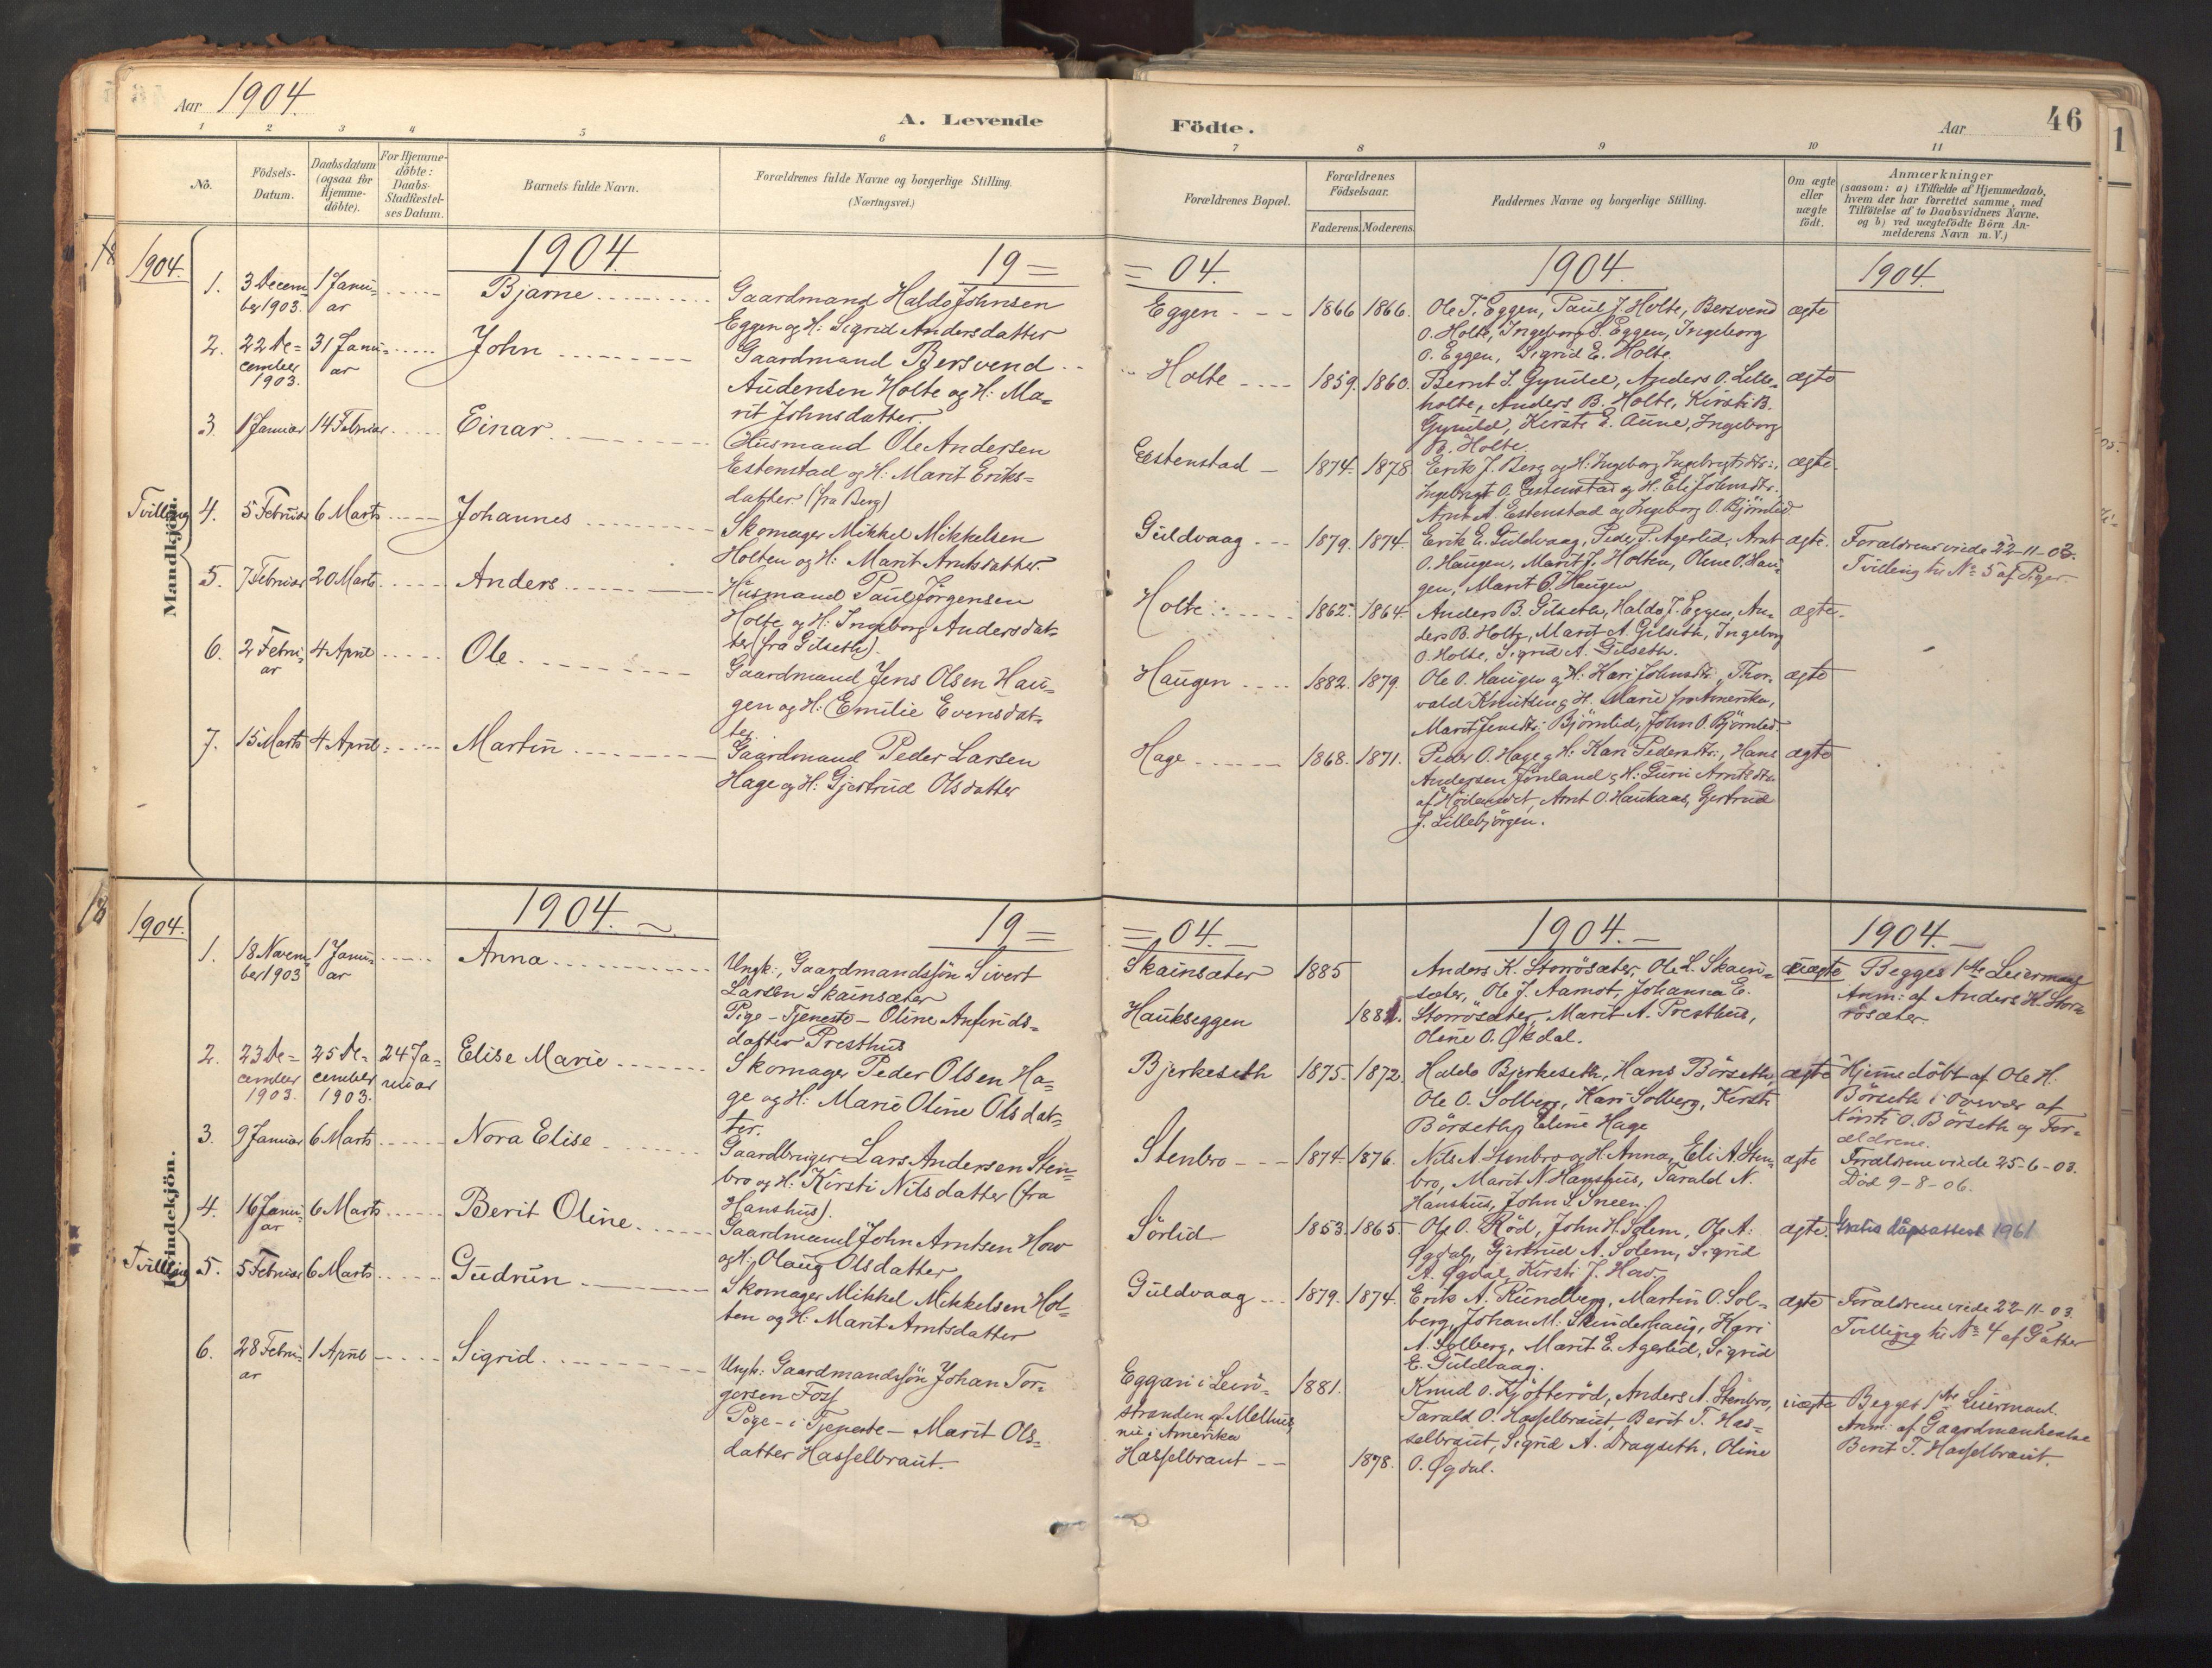 SAT, Ministerialprotokoller, klokkerbøker og fødselsregistre - Sør-Trøndelag, 689/L1041: Ministerialbok nr. 689A06, 1891-1923, s. 46